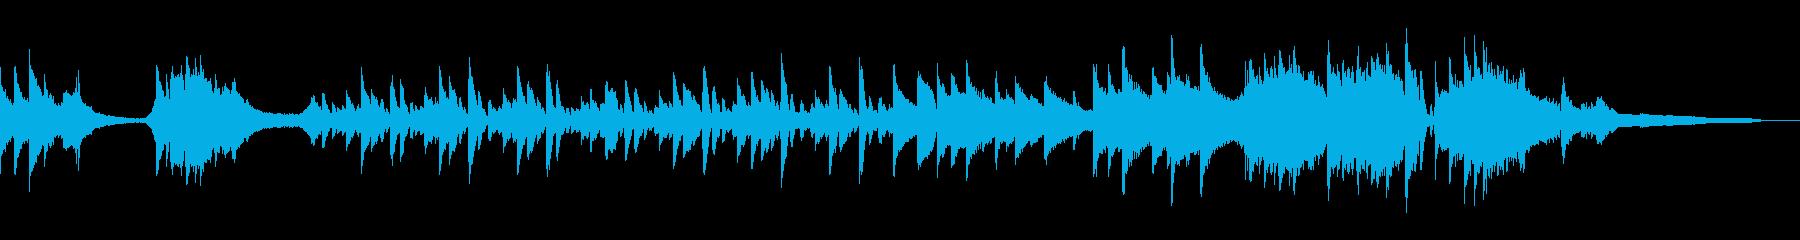 疾走するピアノ曲・スタイリッシュ・夜明けの再生済みの波形